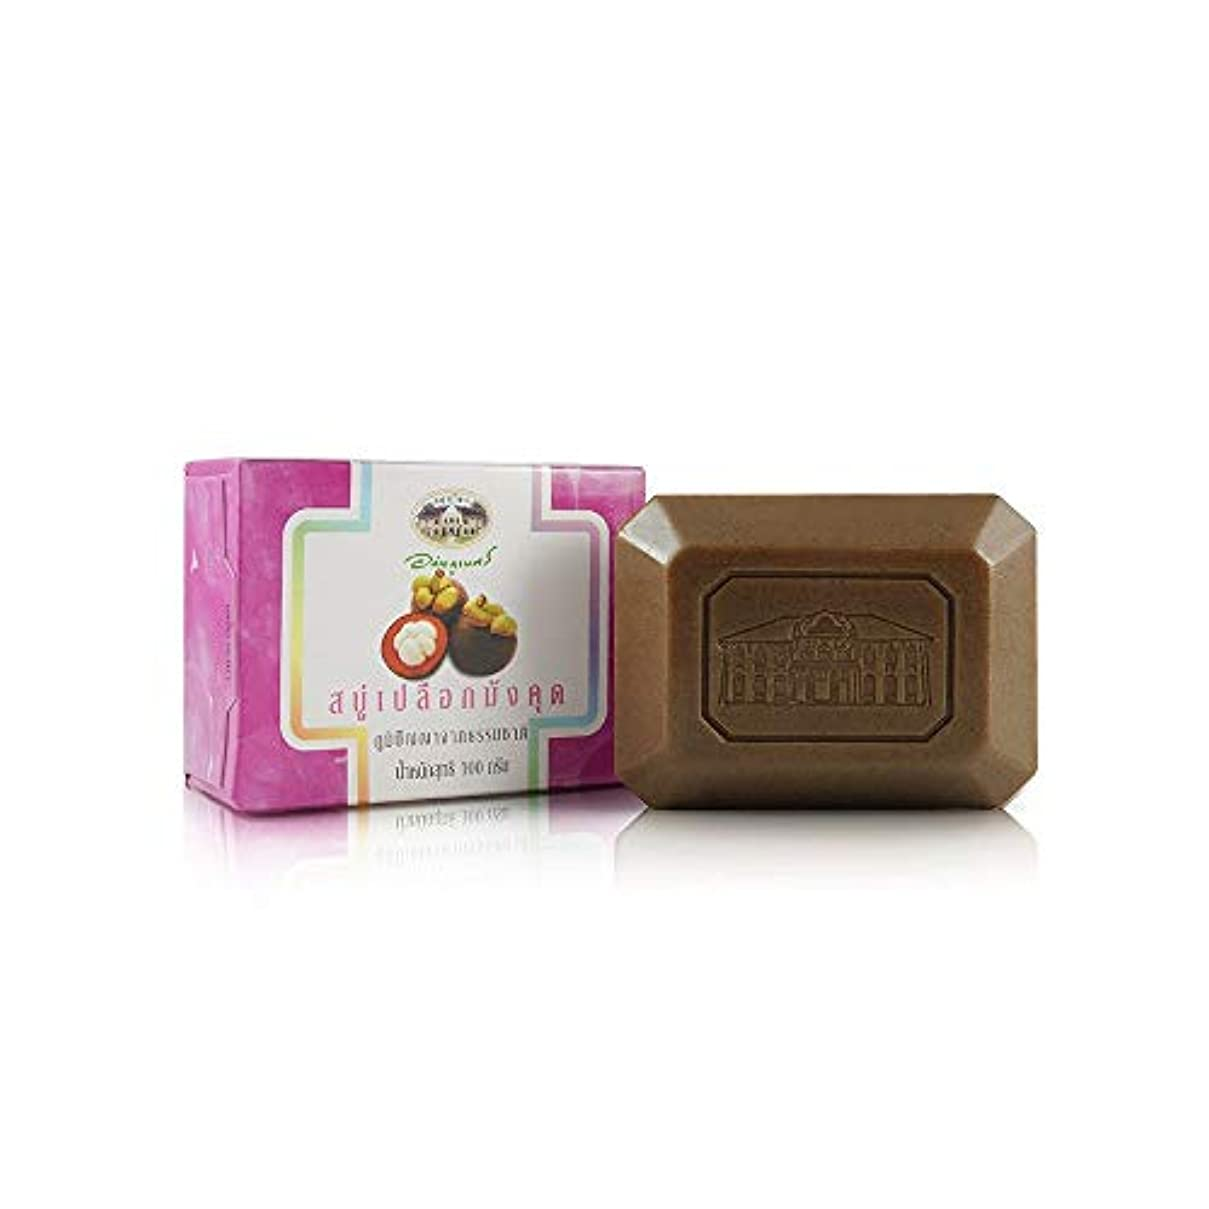 ルームサイレン楽しませるAbhaibhubejhr Mangosteen Peel Skin Herbal Body Cleansing Soap 100g. Abhaibhubejhrマンゴスチンピールスキンハーブボディクレンジングソープ100...